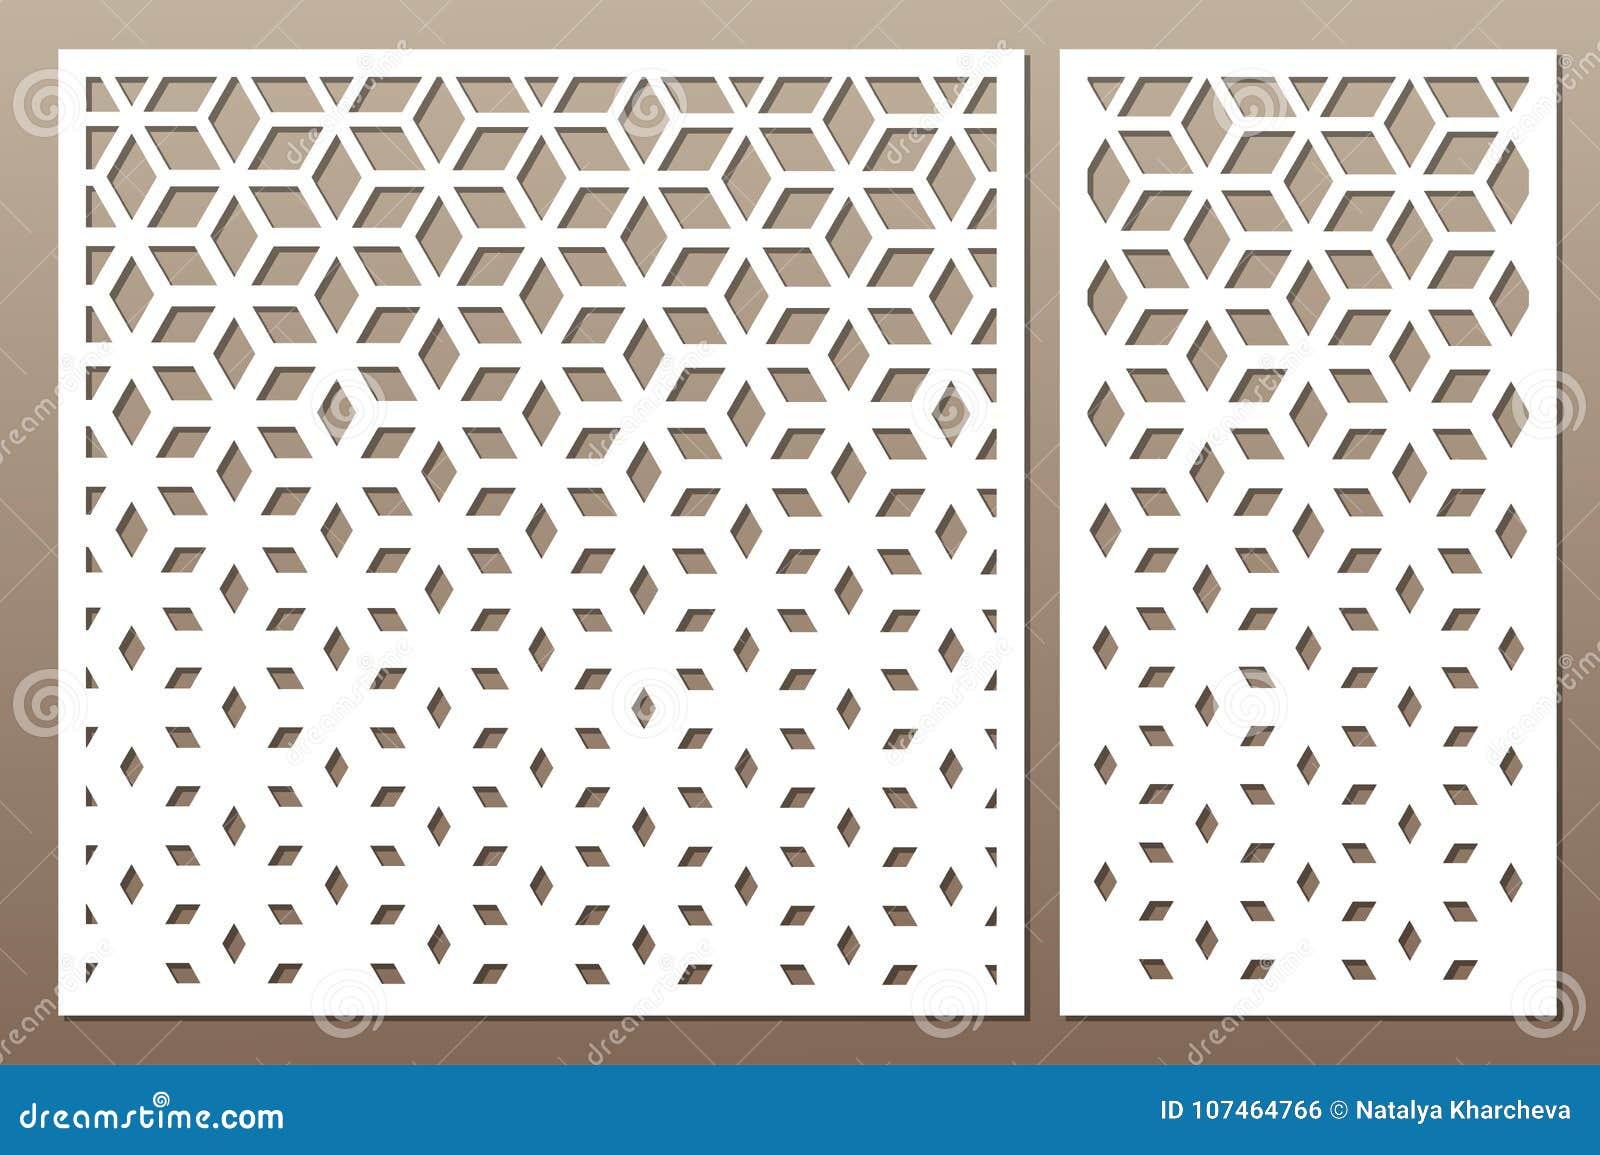 Καθορισμένη διακοσμητική κάρτα για την κοπή τετράγωνο προτύπων Περικοπή λέιζερ Rati